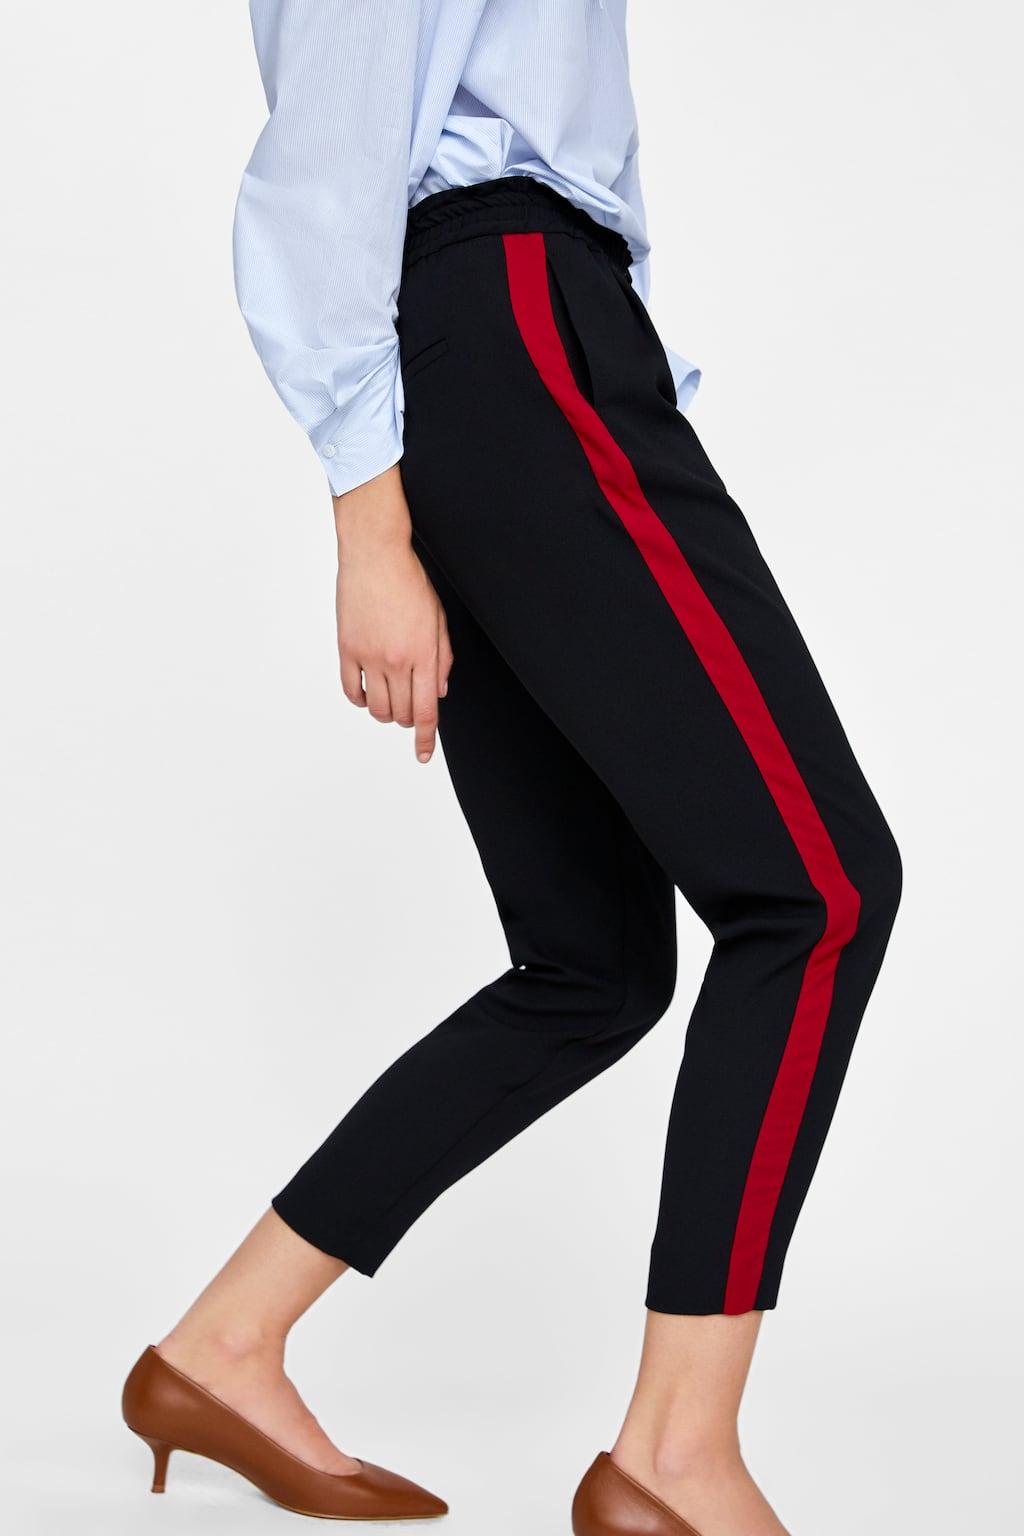 Pantalones Joggers Que Son Y Como Usarlos Actitudfem